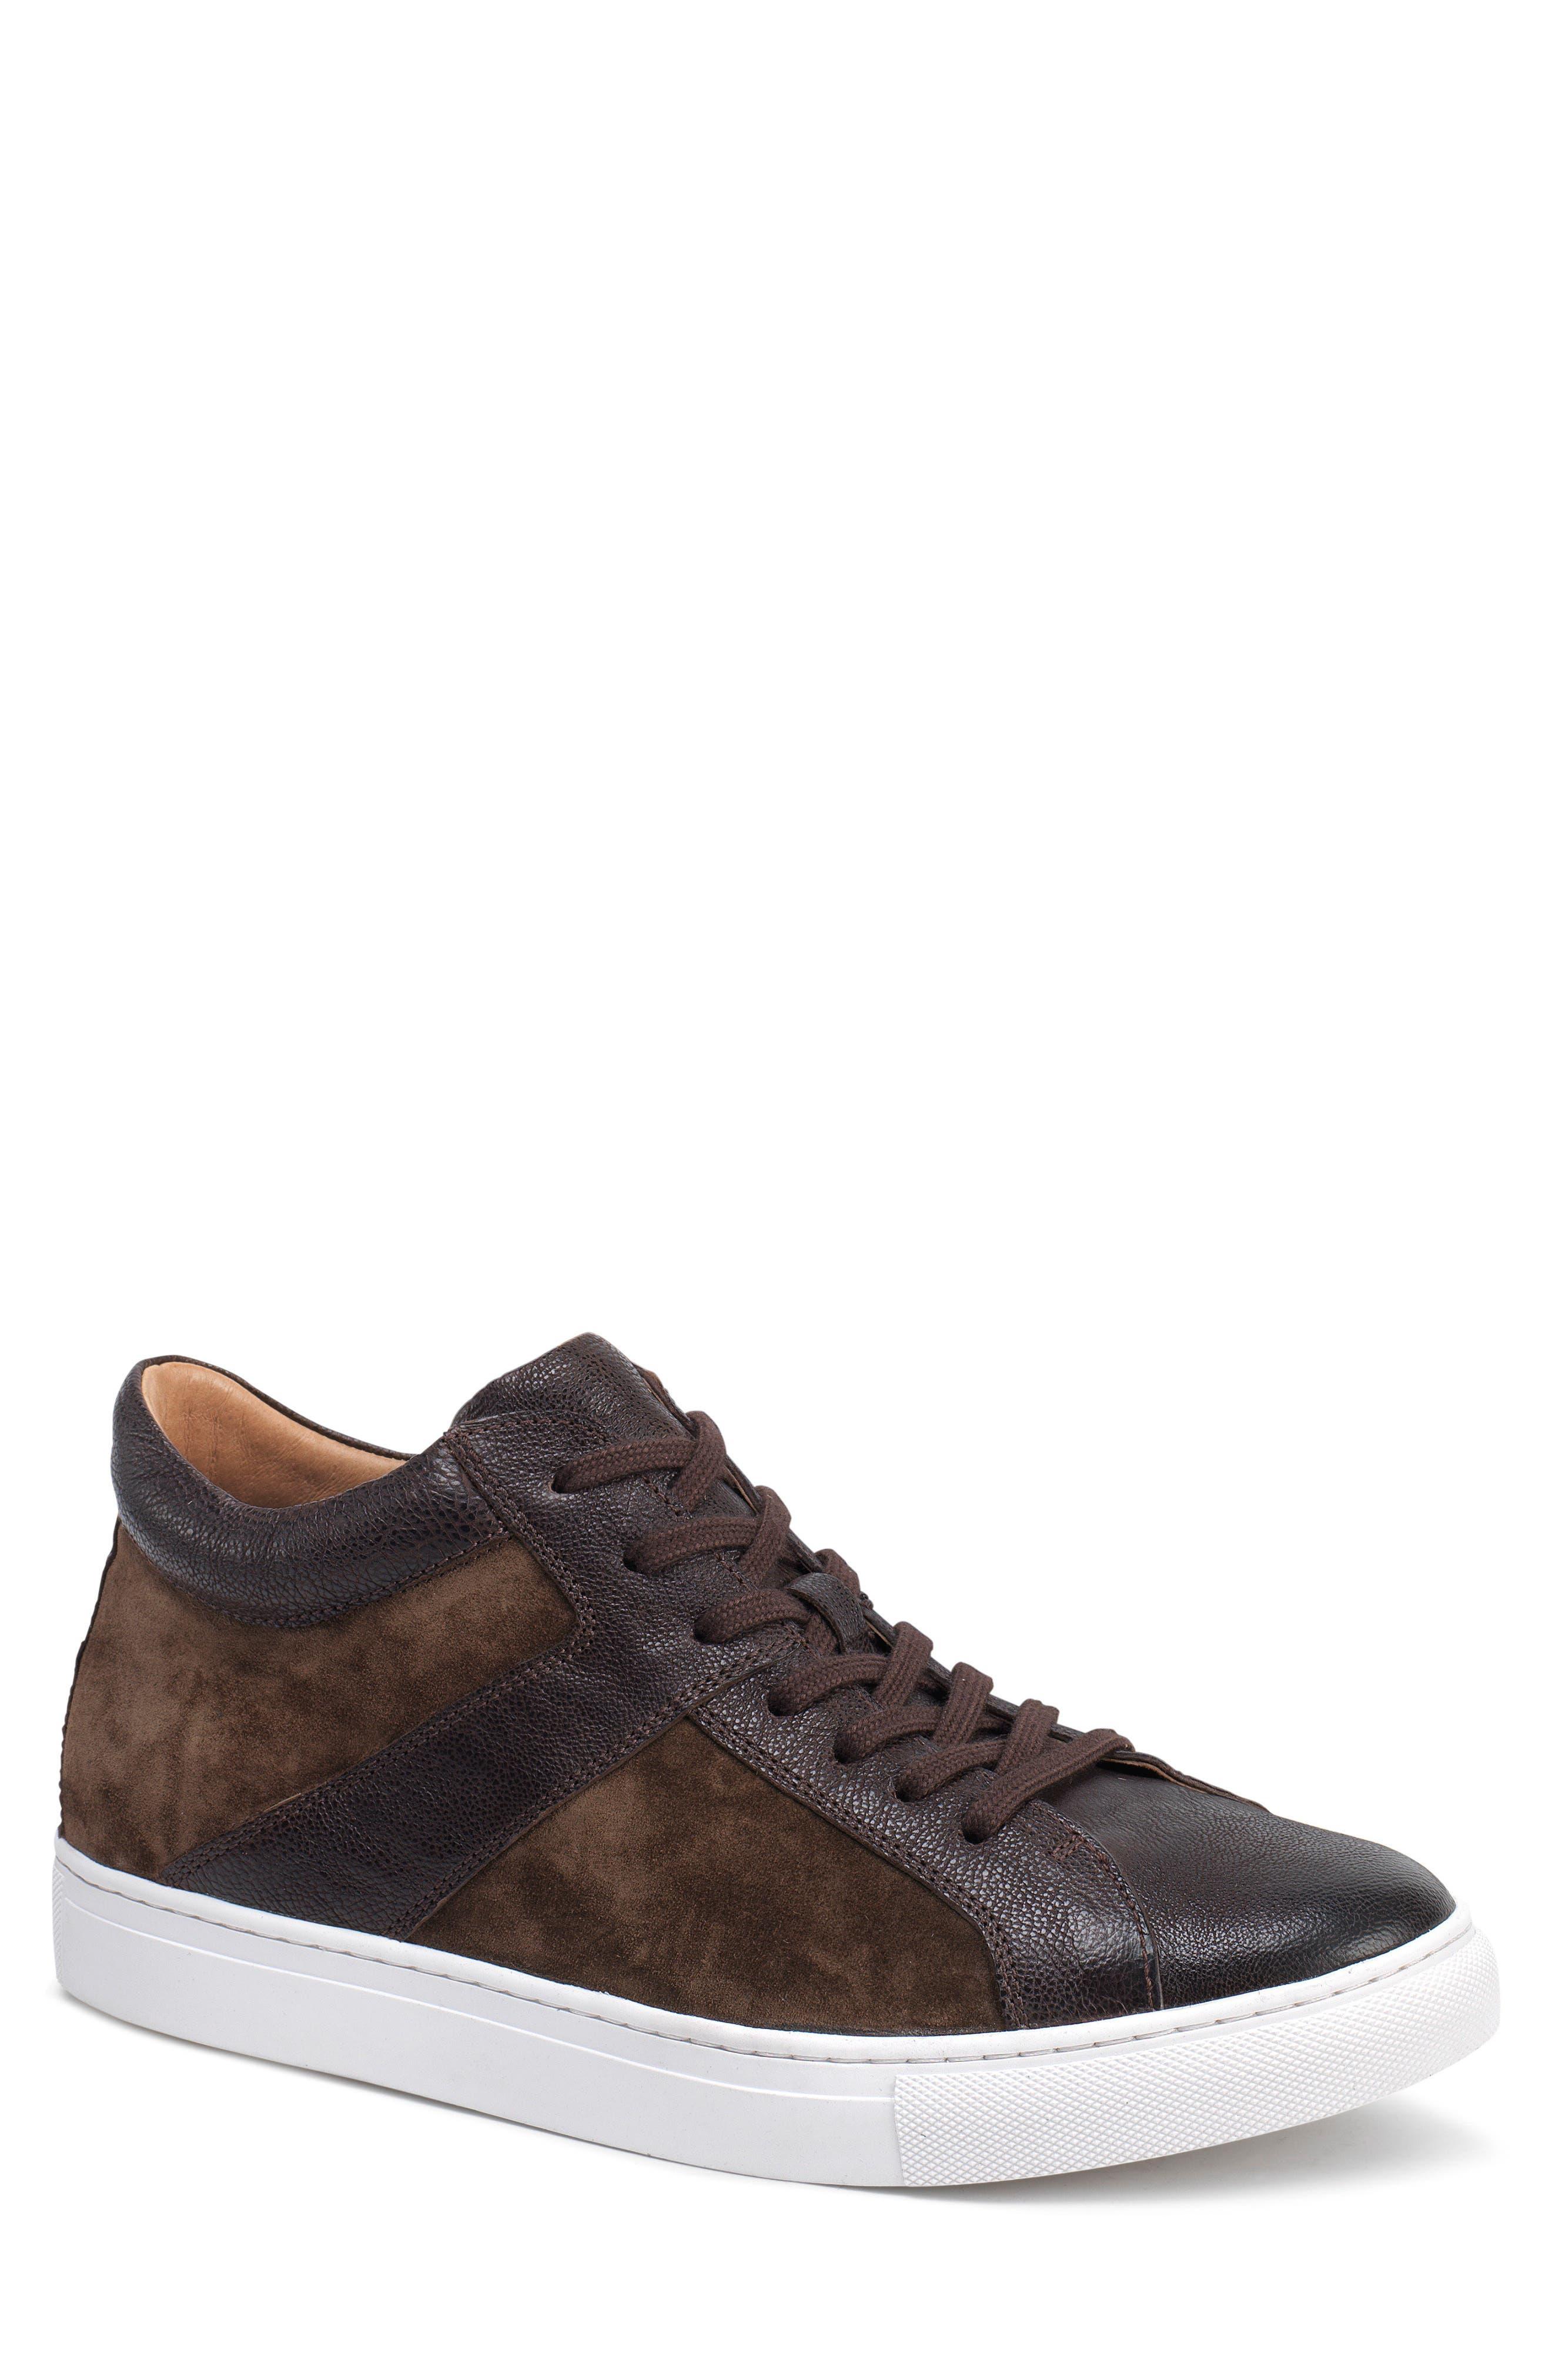 Alec Sneaker,                         Main,                         color, Dark Brown Leather/Suede